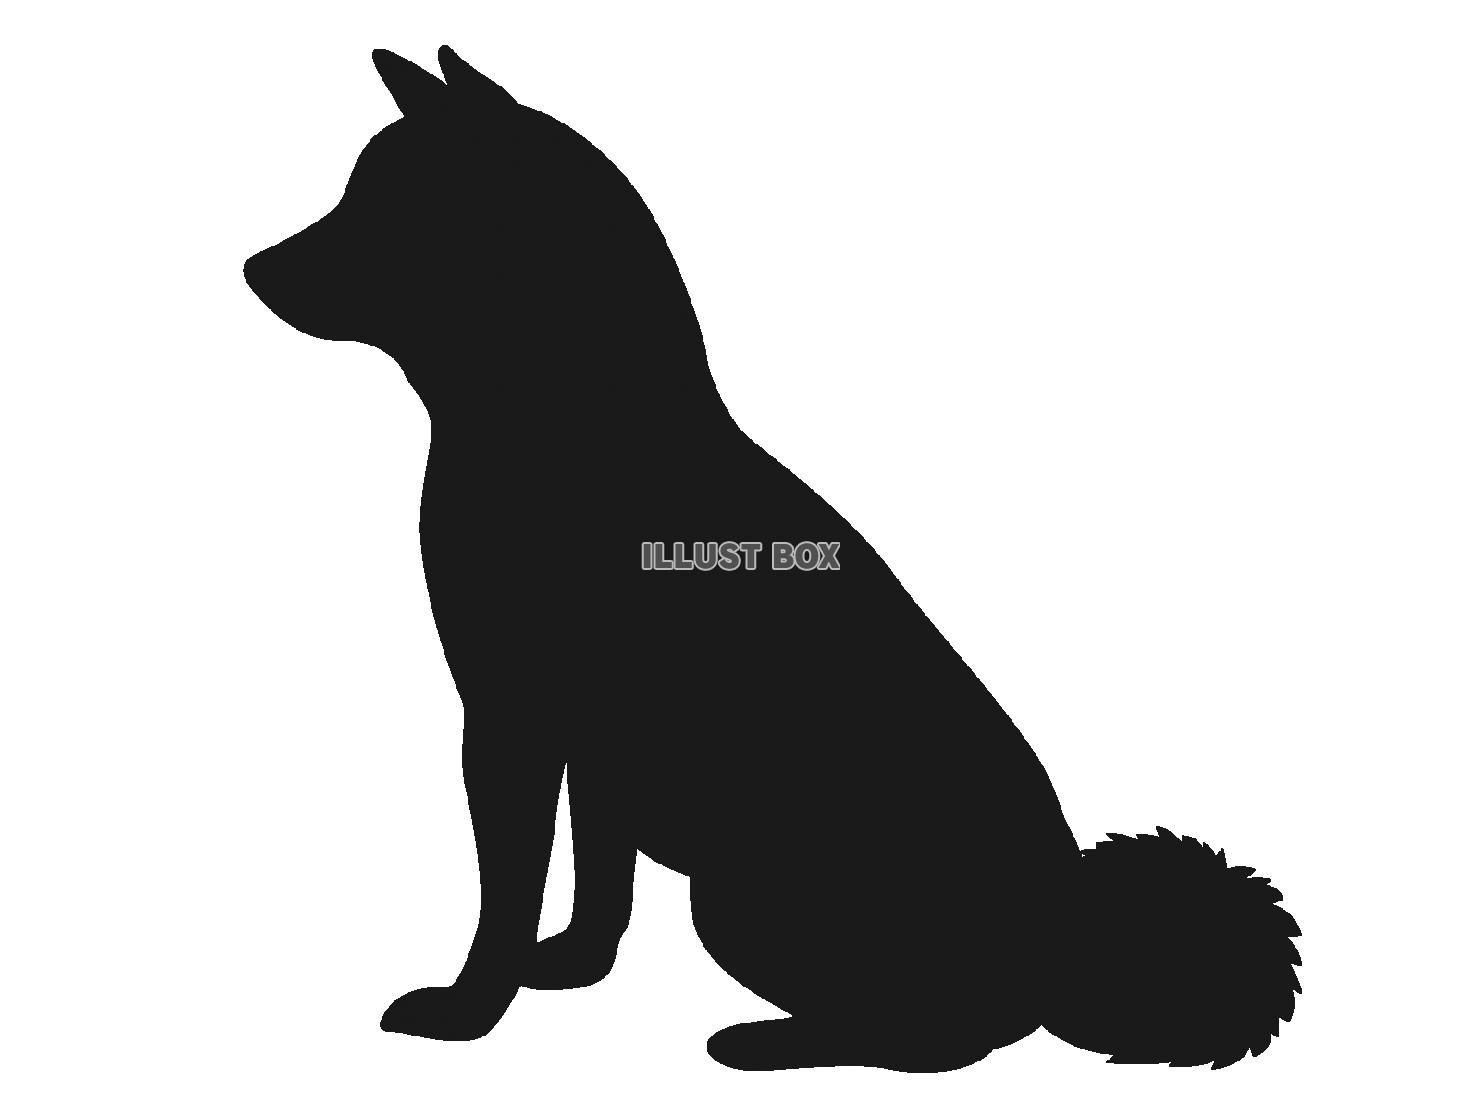 トップセレクション 犬 シルエット イラスト 無料 犬 イラスト